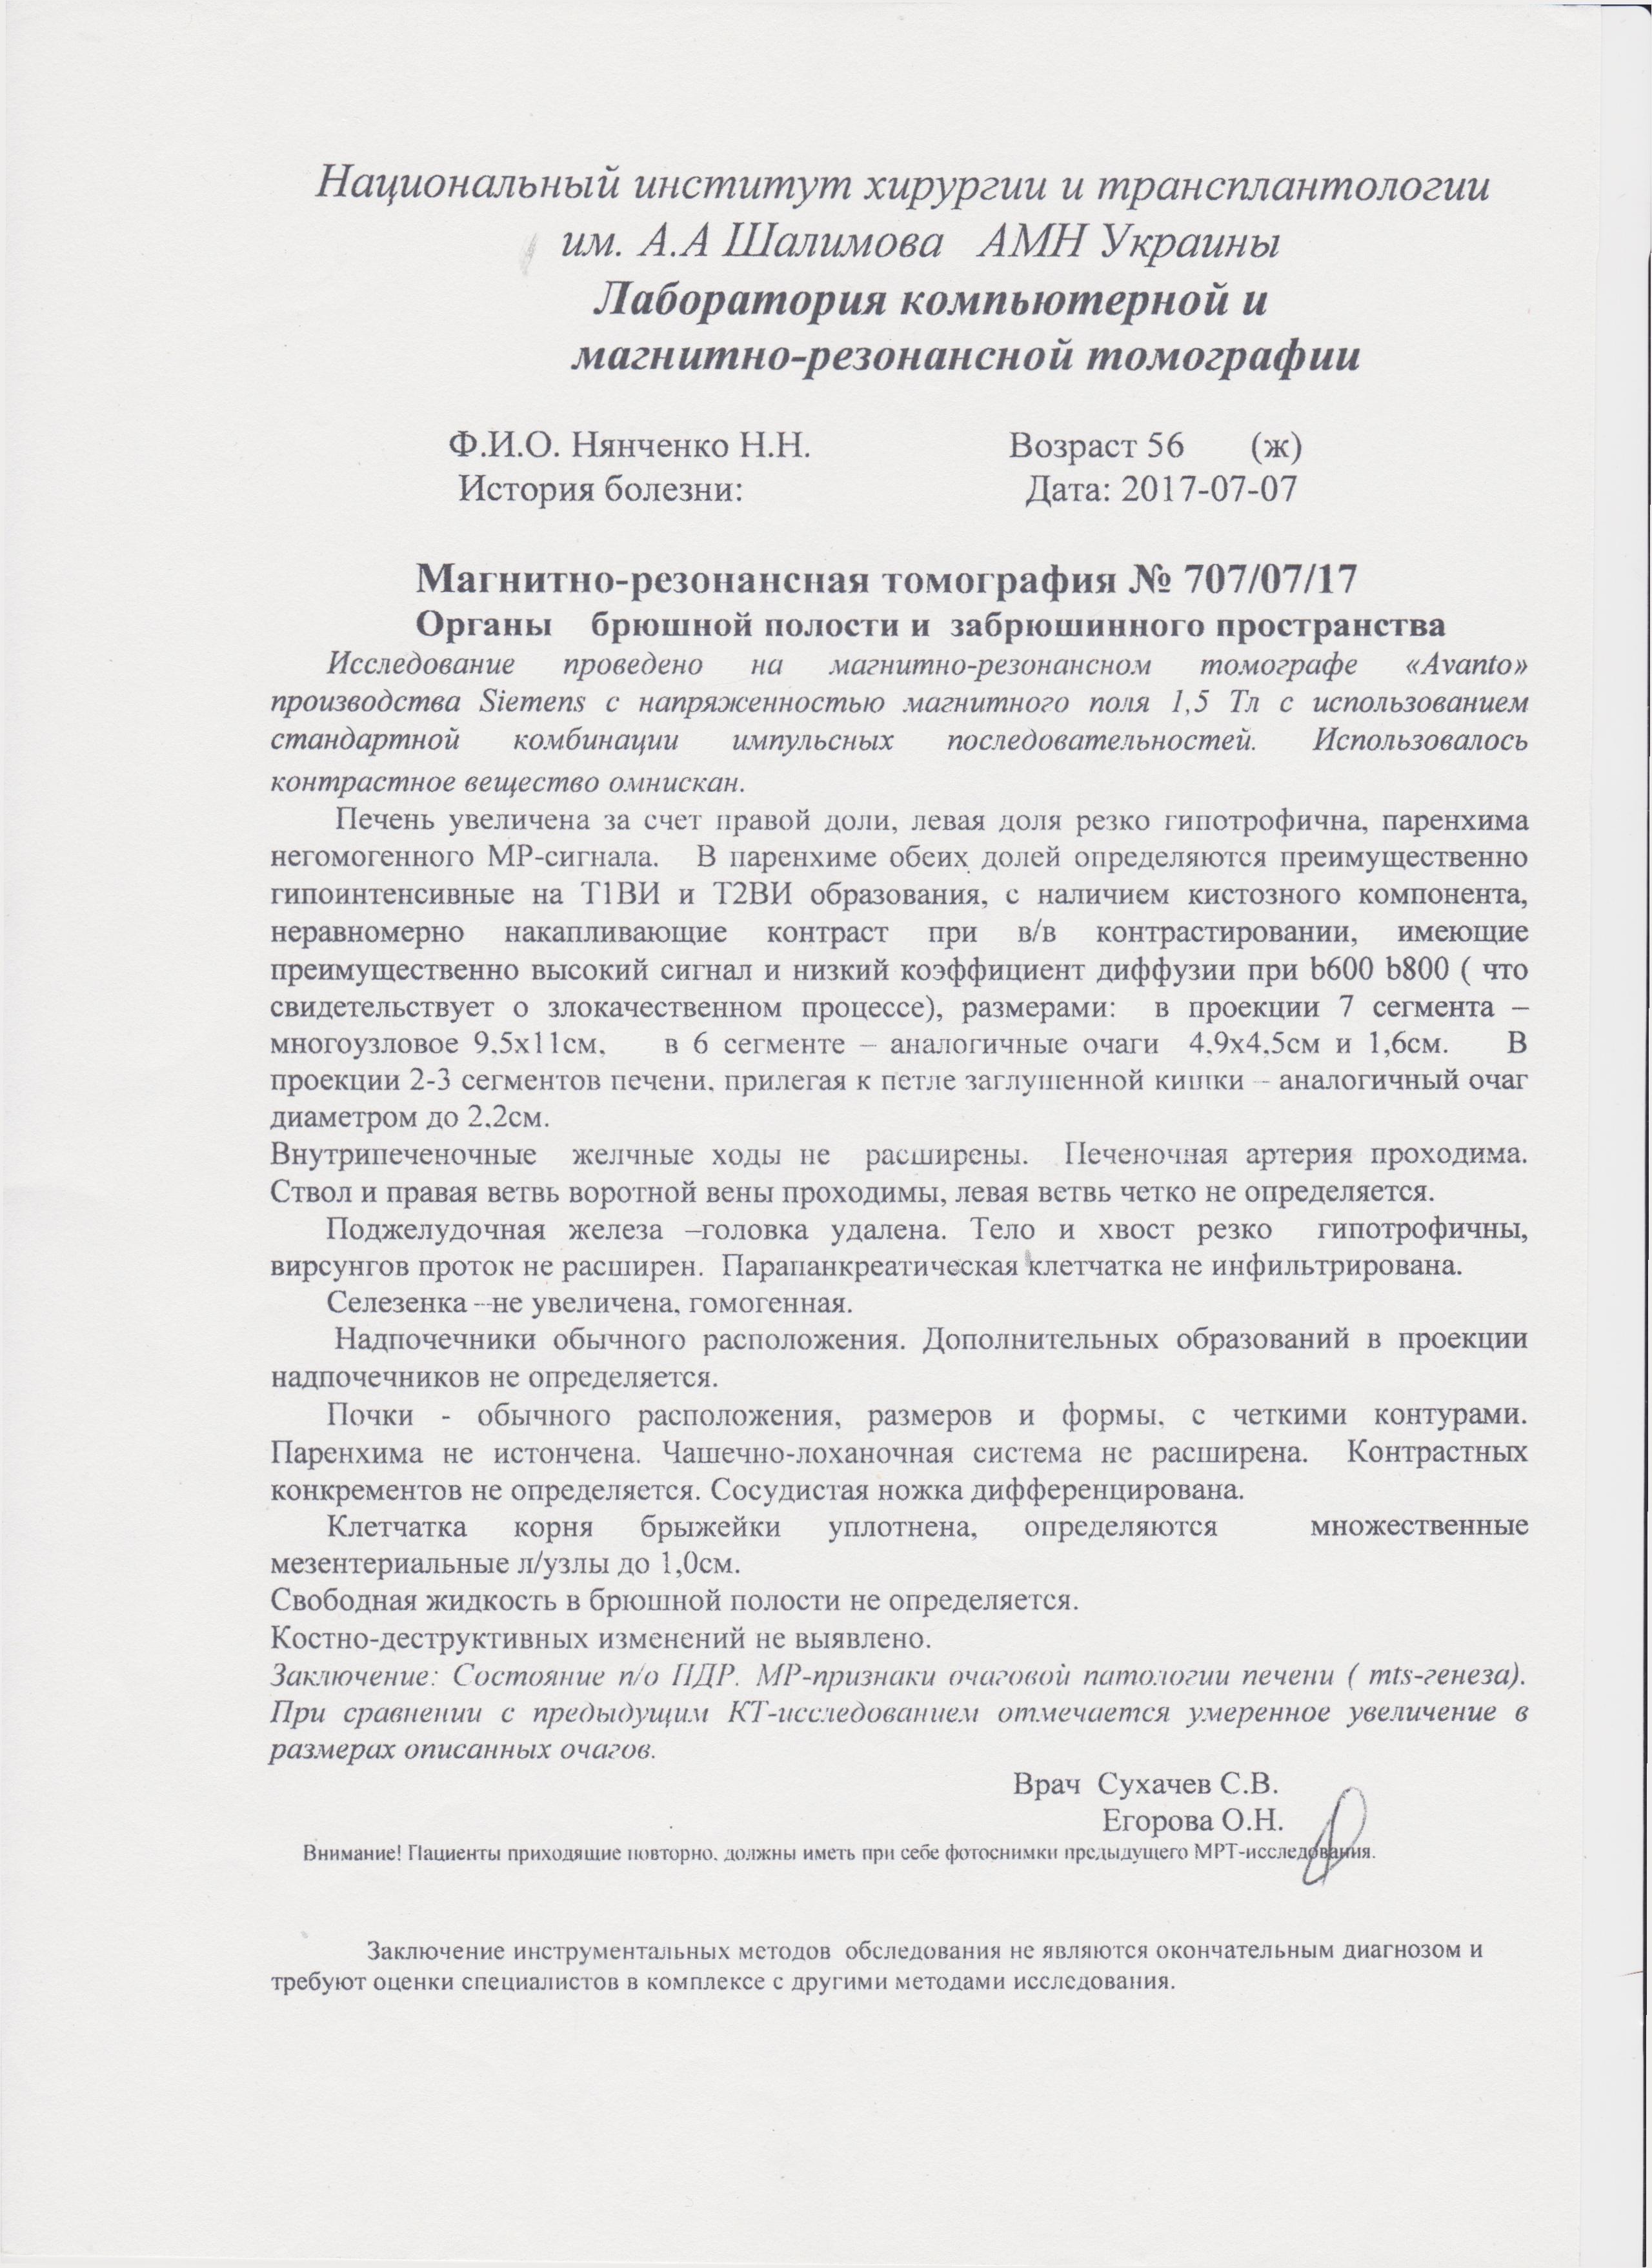 документы Нянченко Н.Н.0010